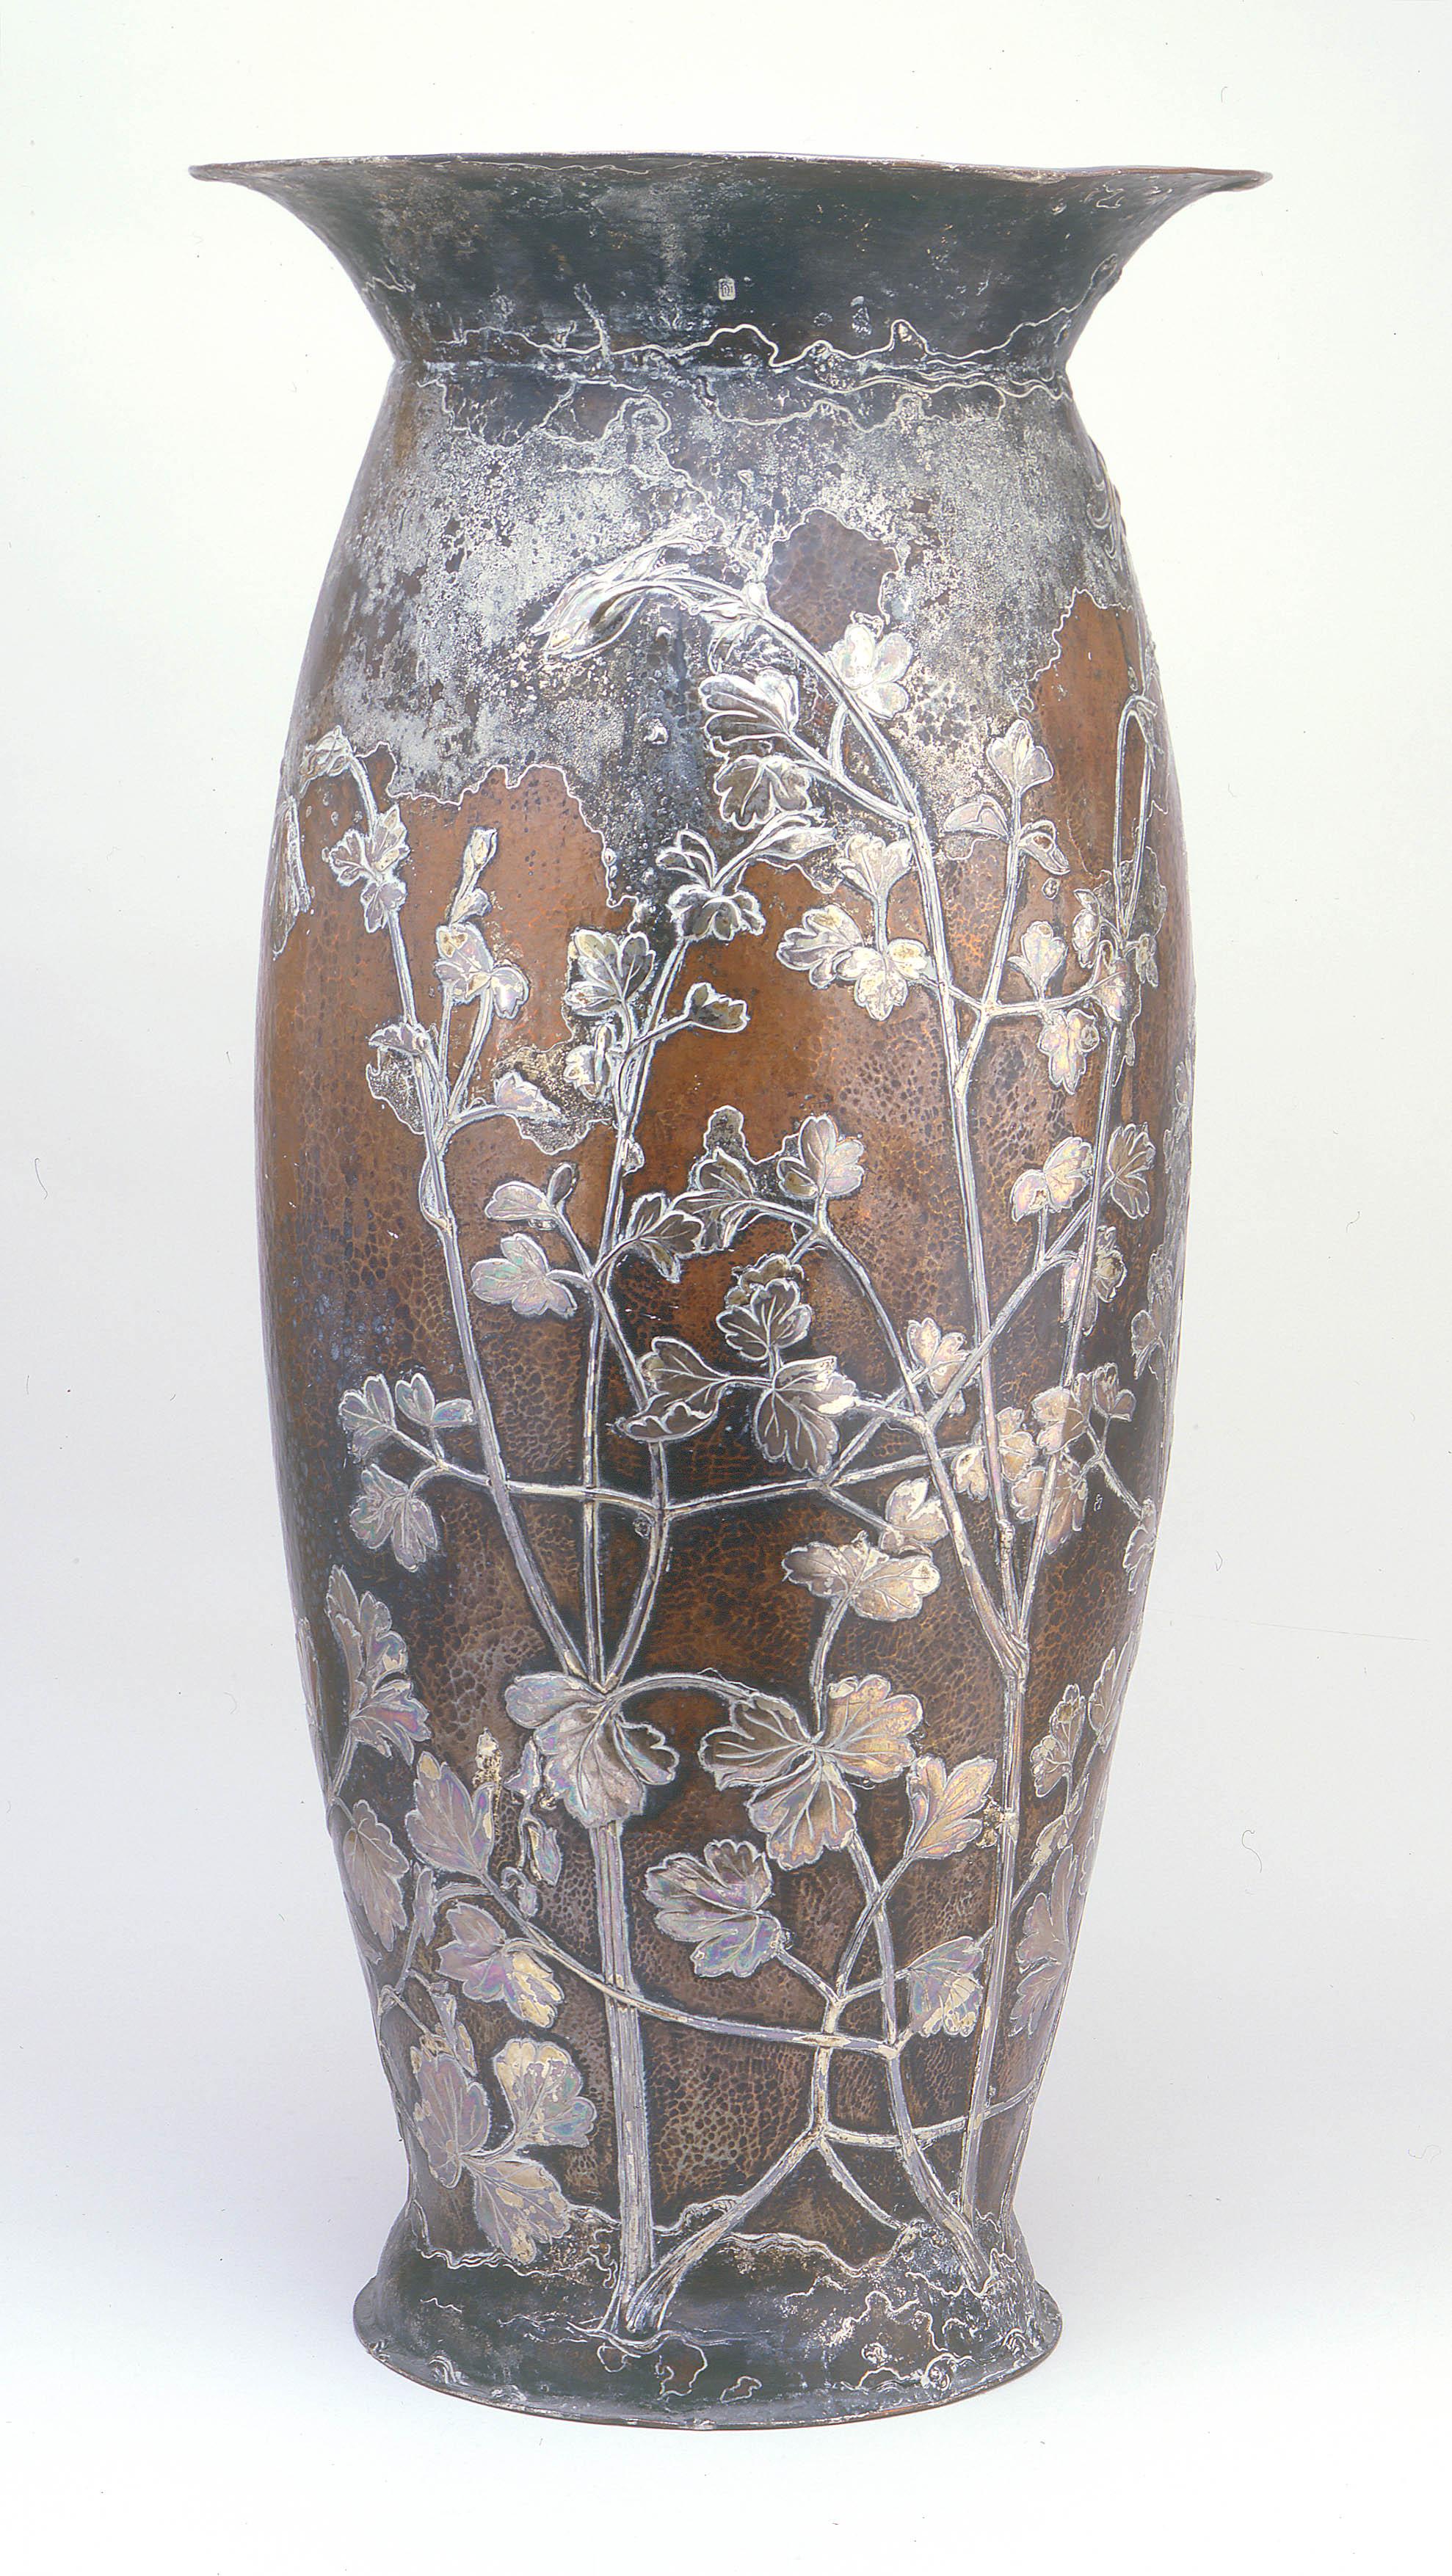 Birthwort vase - Henri Husson and Adrien-Aurélien Hébrard